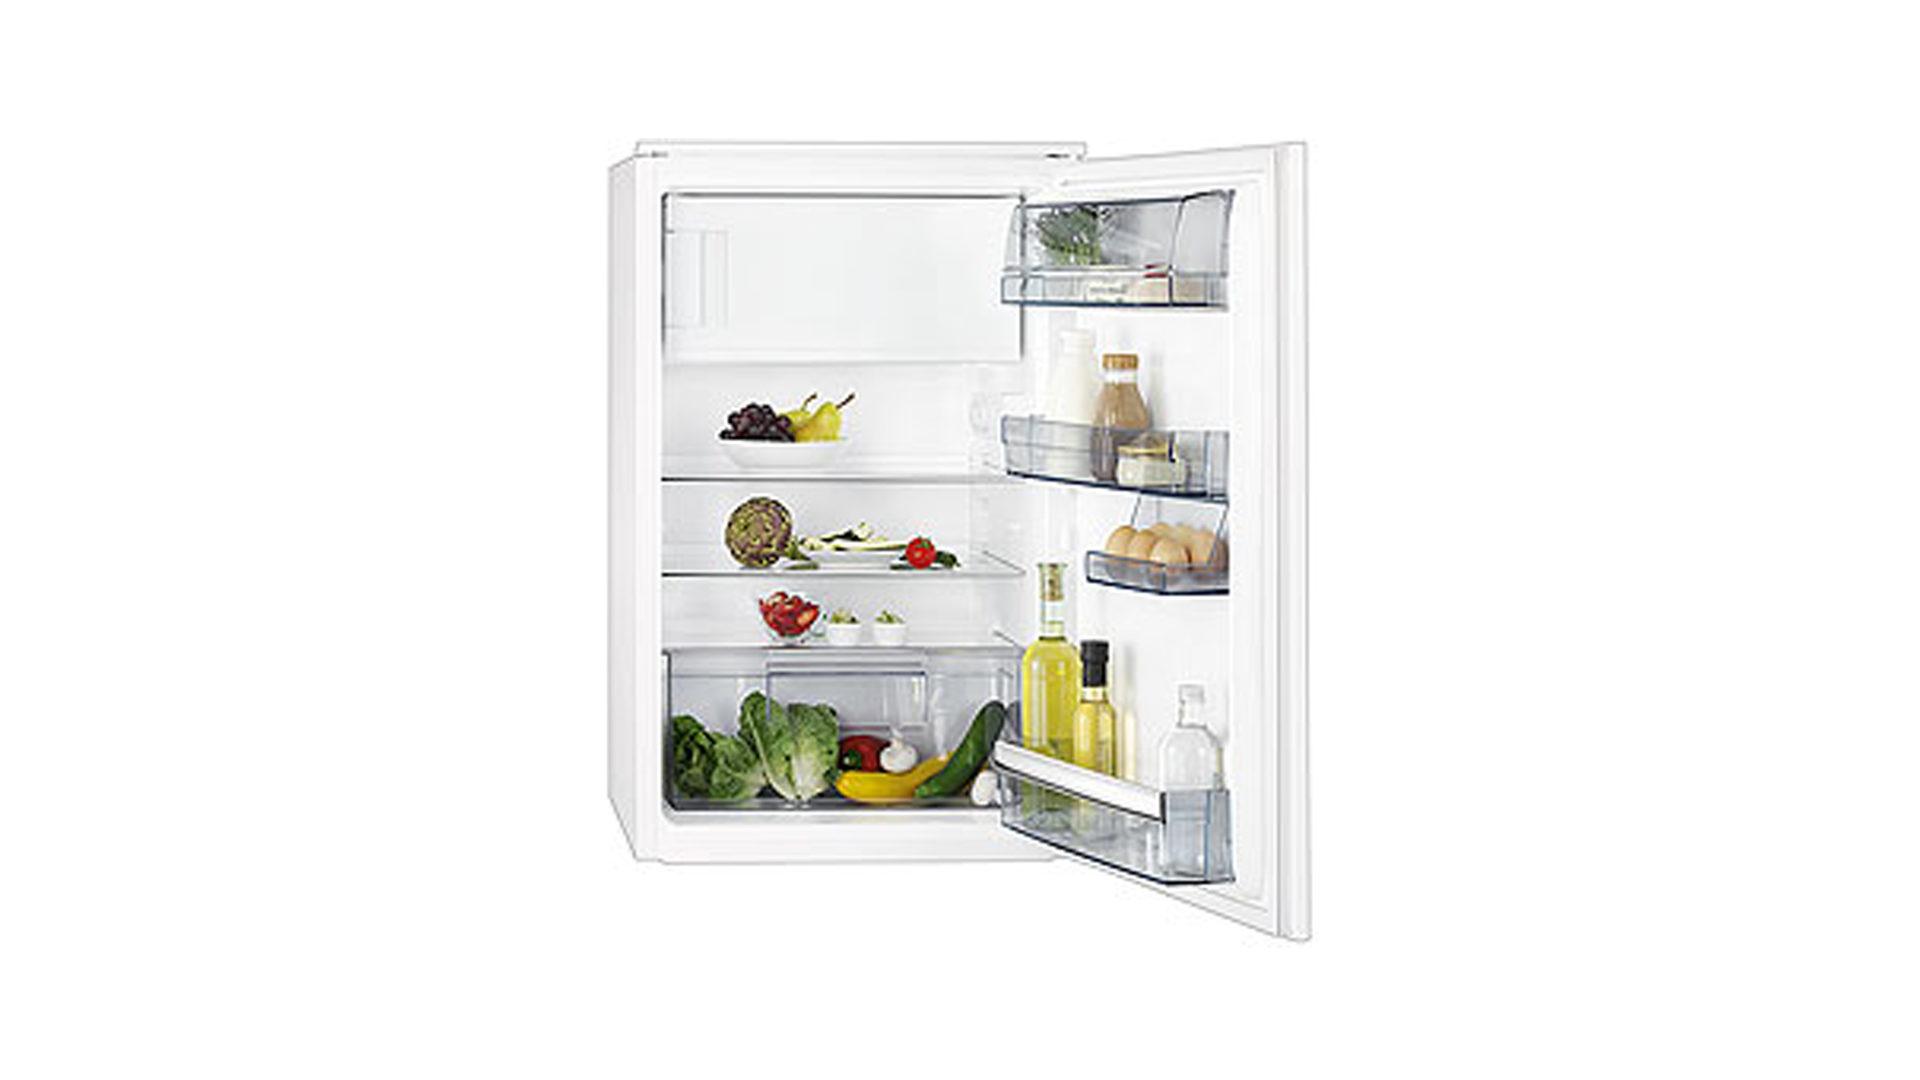 Aeg Kühlschrank Produktnummer : Aeg kühlschrank mit gefrierfach sd s nutzinhalt ca liter